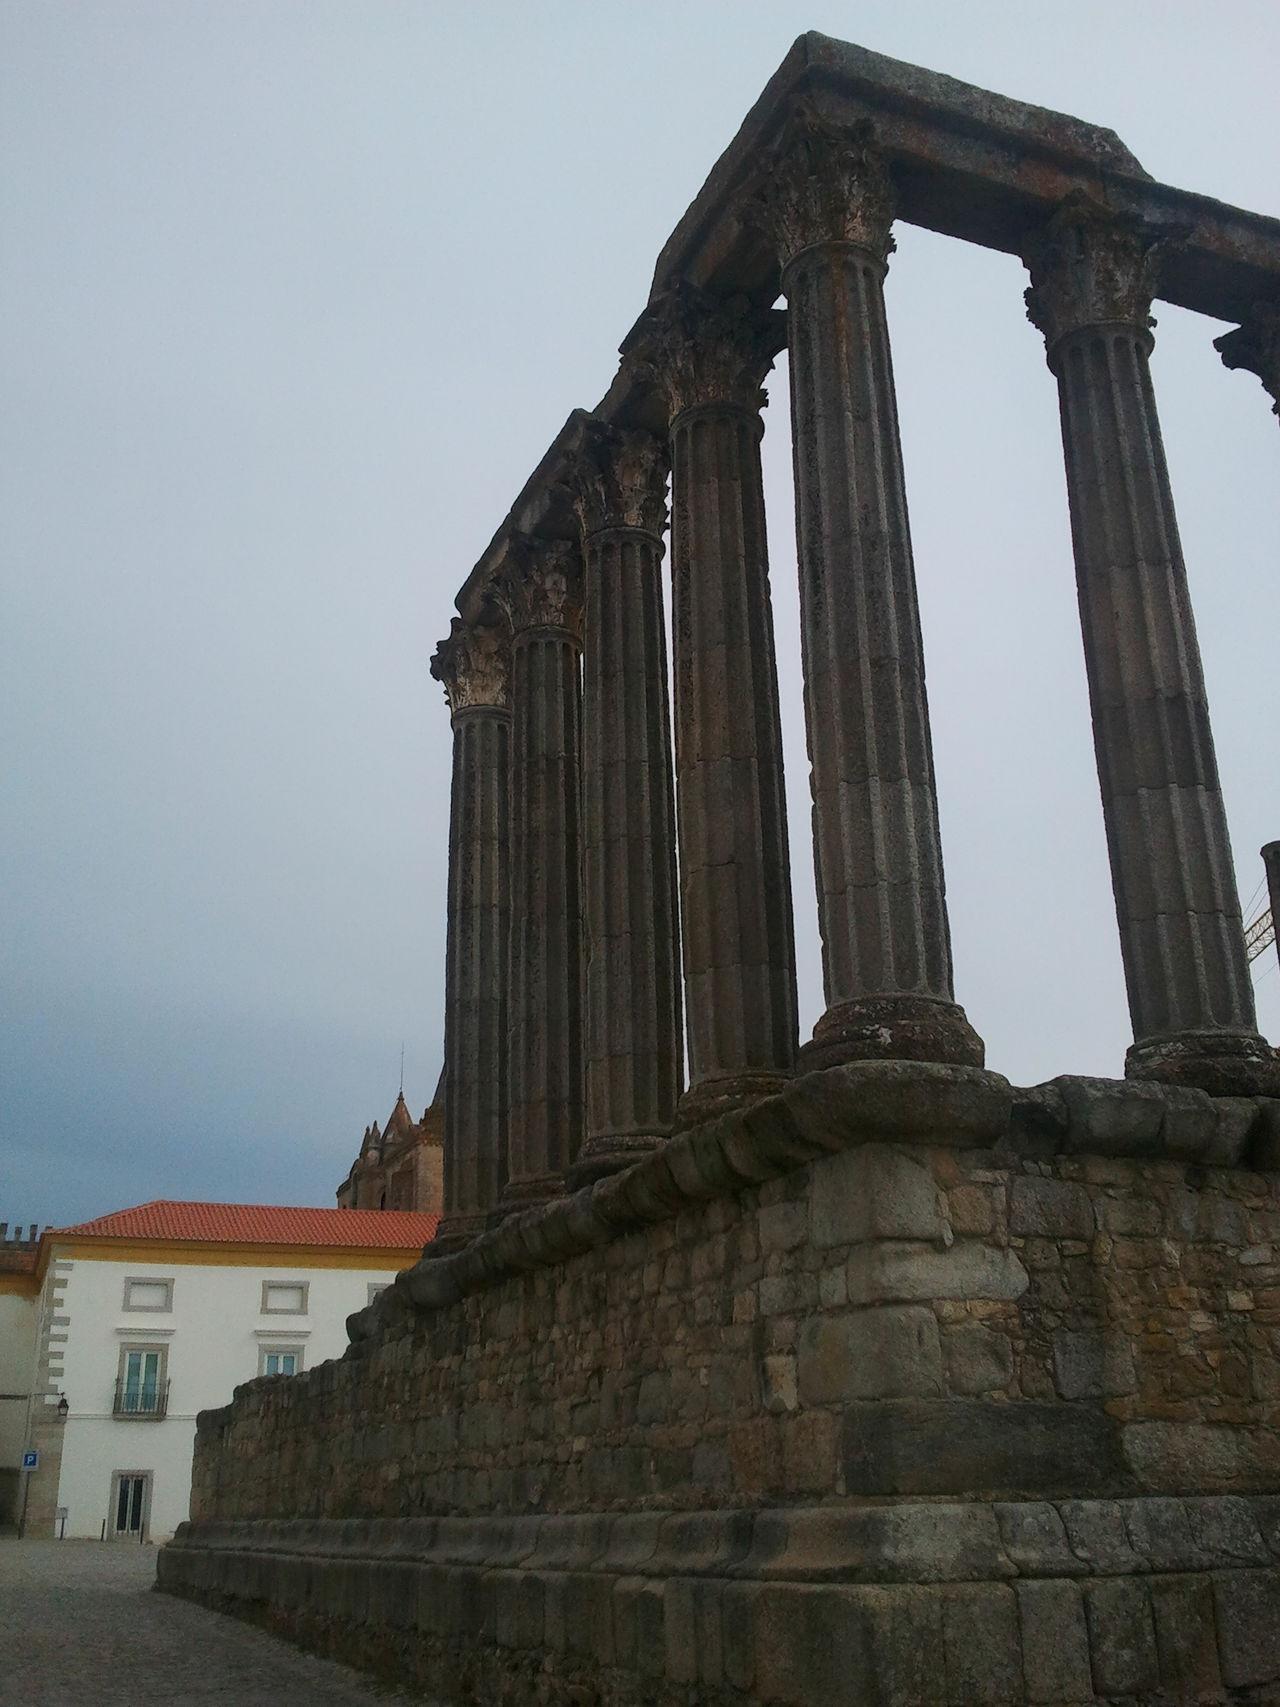 Templodediana Dianatemple Temple Romantemple Ancient Architecture Ancient Ancient Civilization Ancient Ruins Ancient Culture Ancientart Roman Evora, Portugal Évora